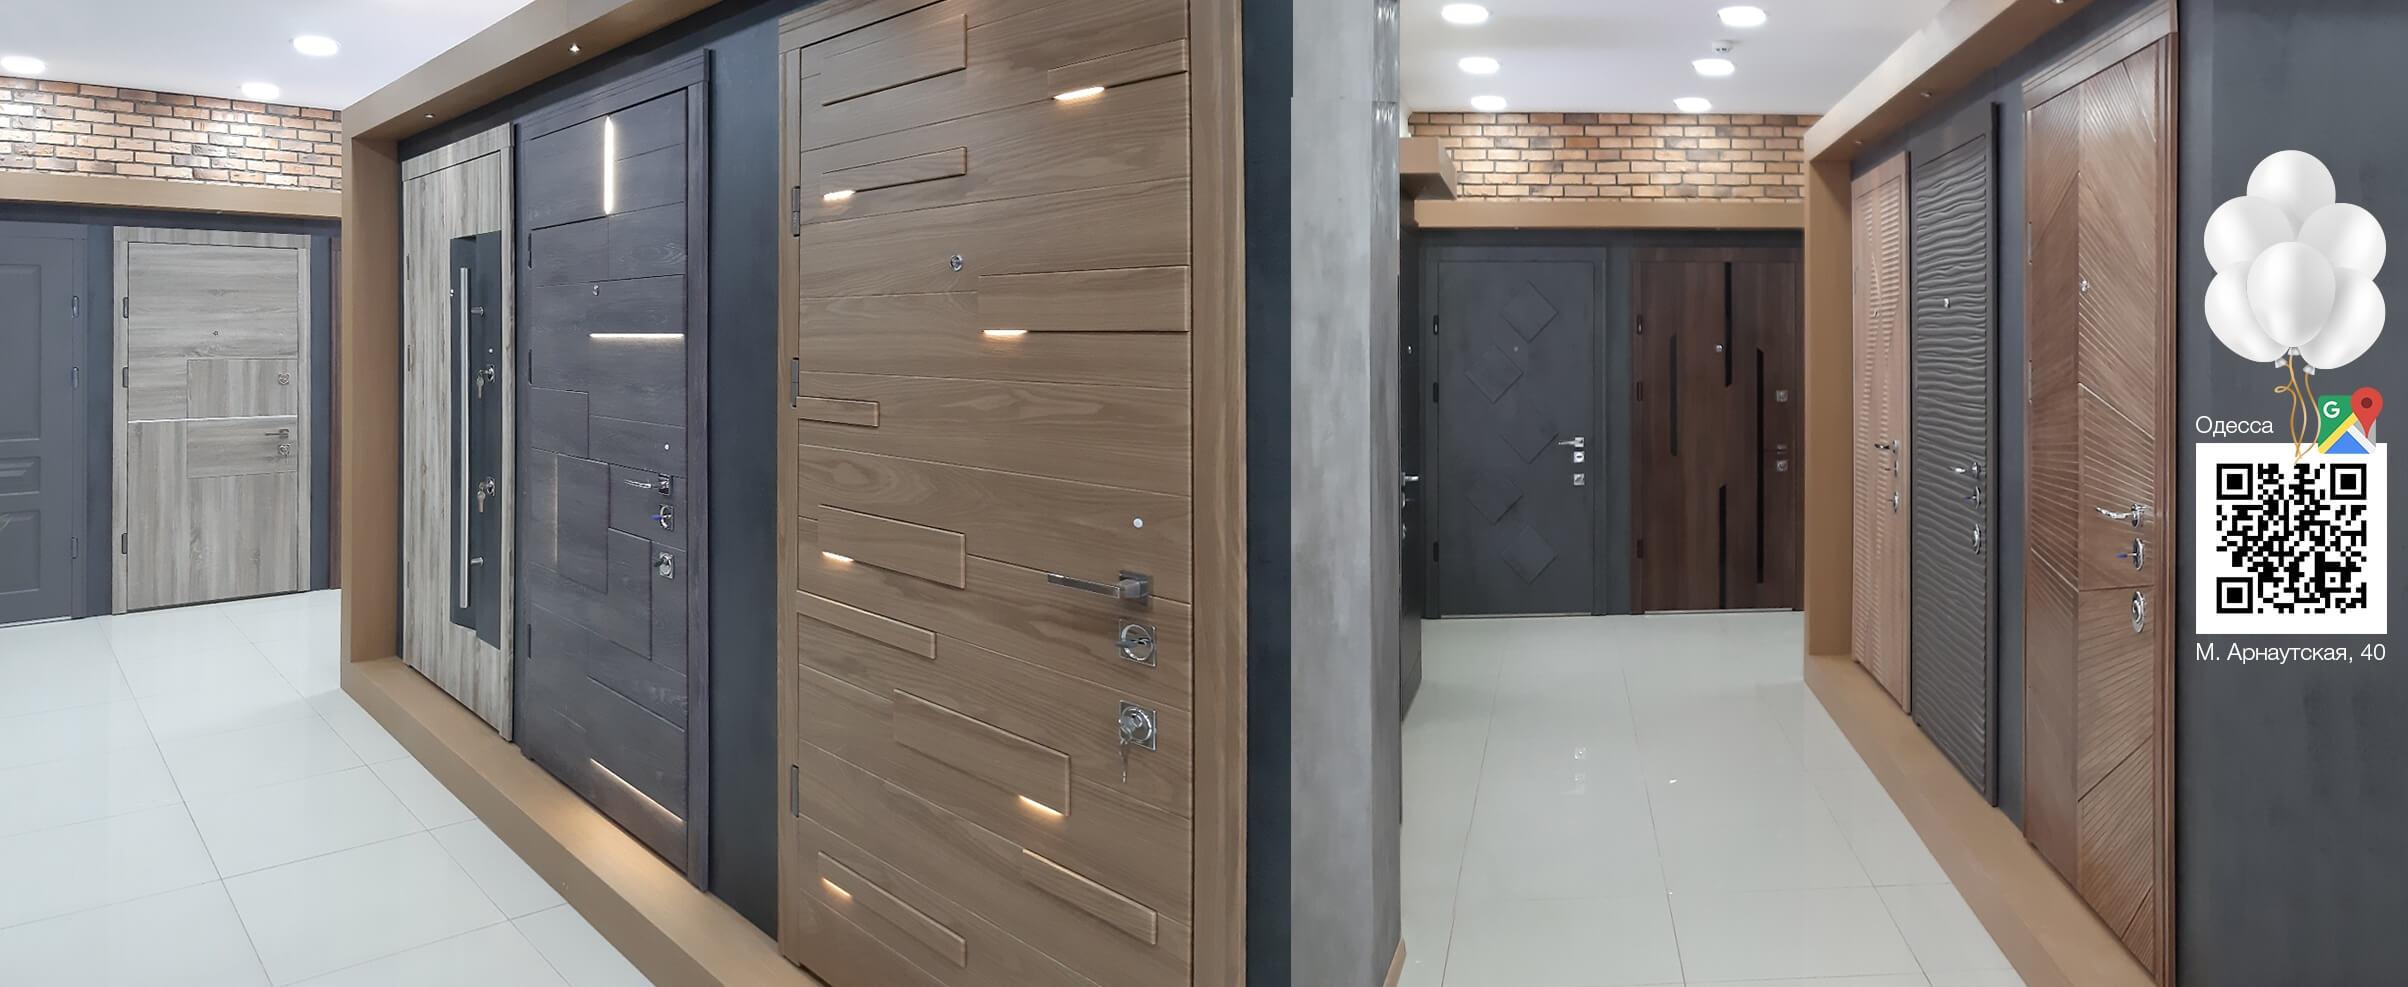 Двери Straj - безопасность и качество по оправданной цене